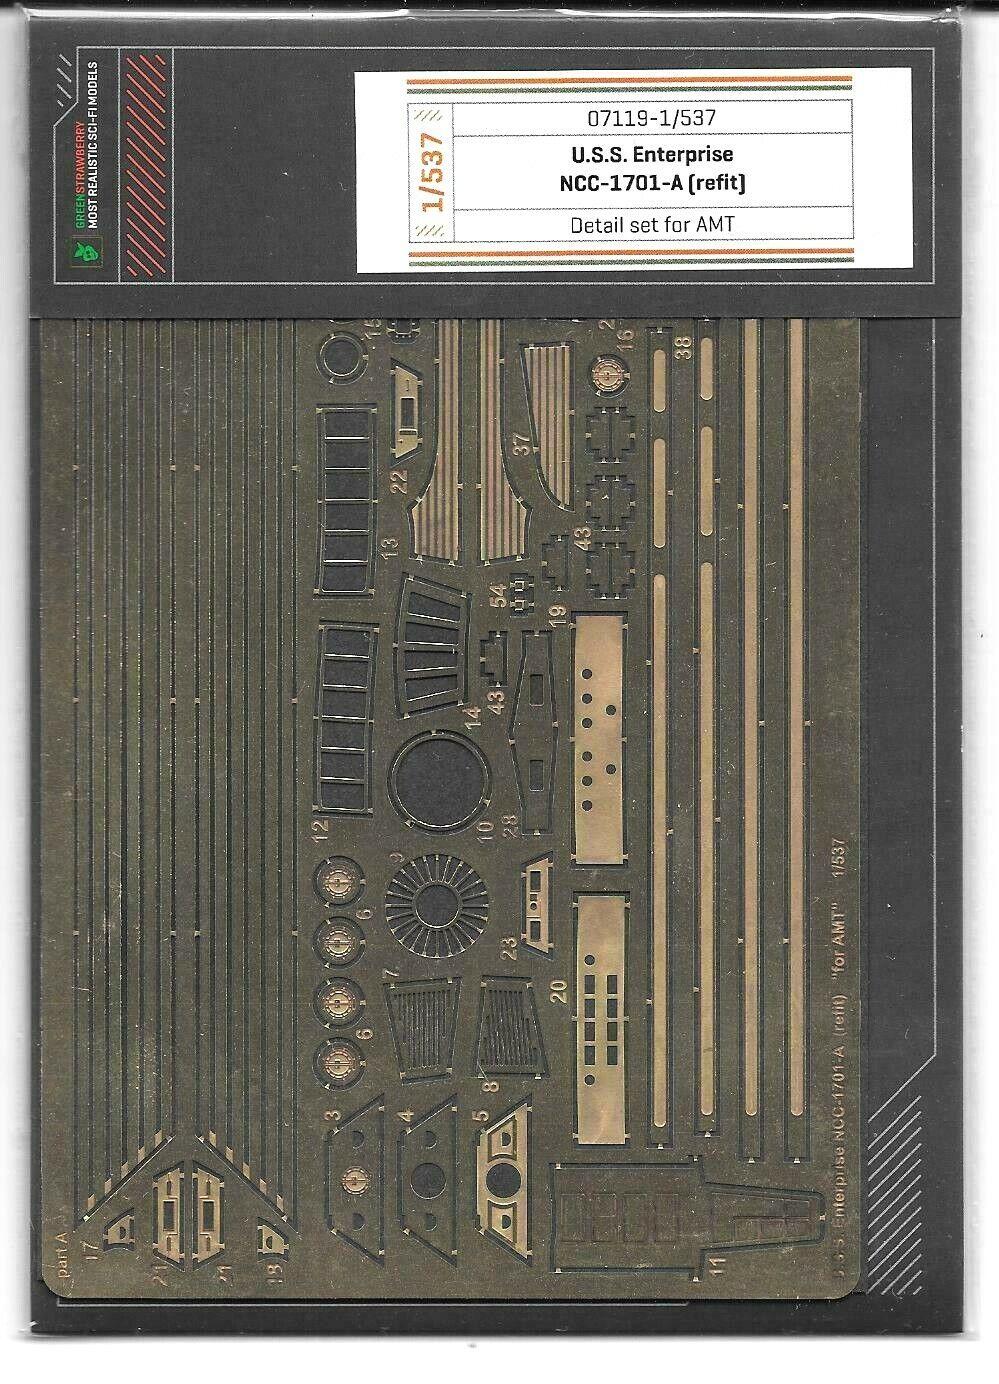 Grün Strawberry Uss Enterprise NCC-1701-A Refit P.E.Details 1 537 7119 St